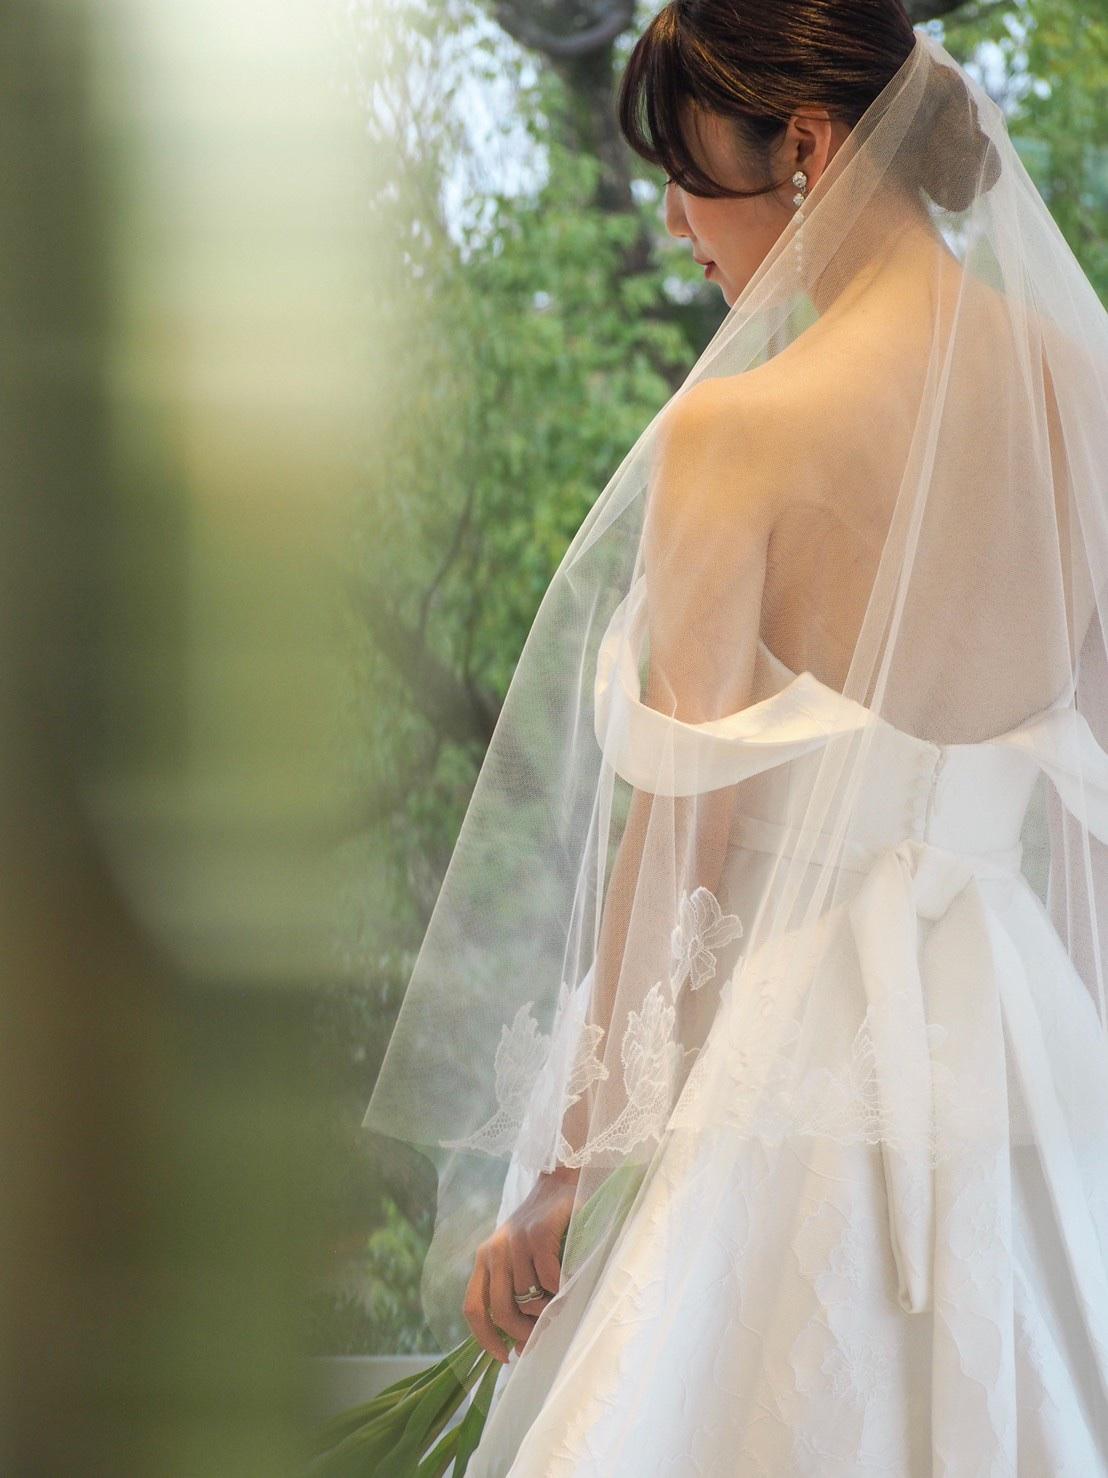 THE TREAT DRESSING神戸店がおすすめするキャロリーナ・ヘレラのオフショルダーウェディングドレスとトリートオリジナルベールを合わせたエレガントなコーディネート